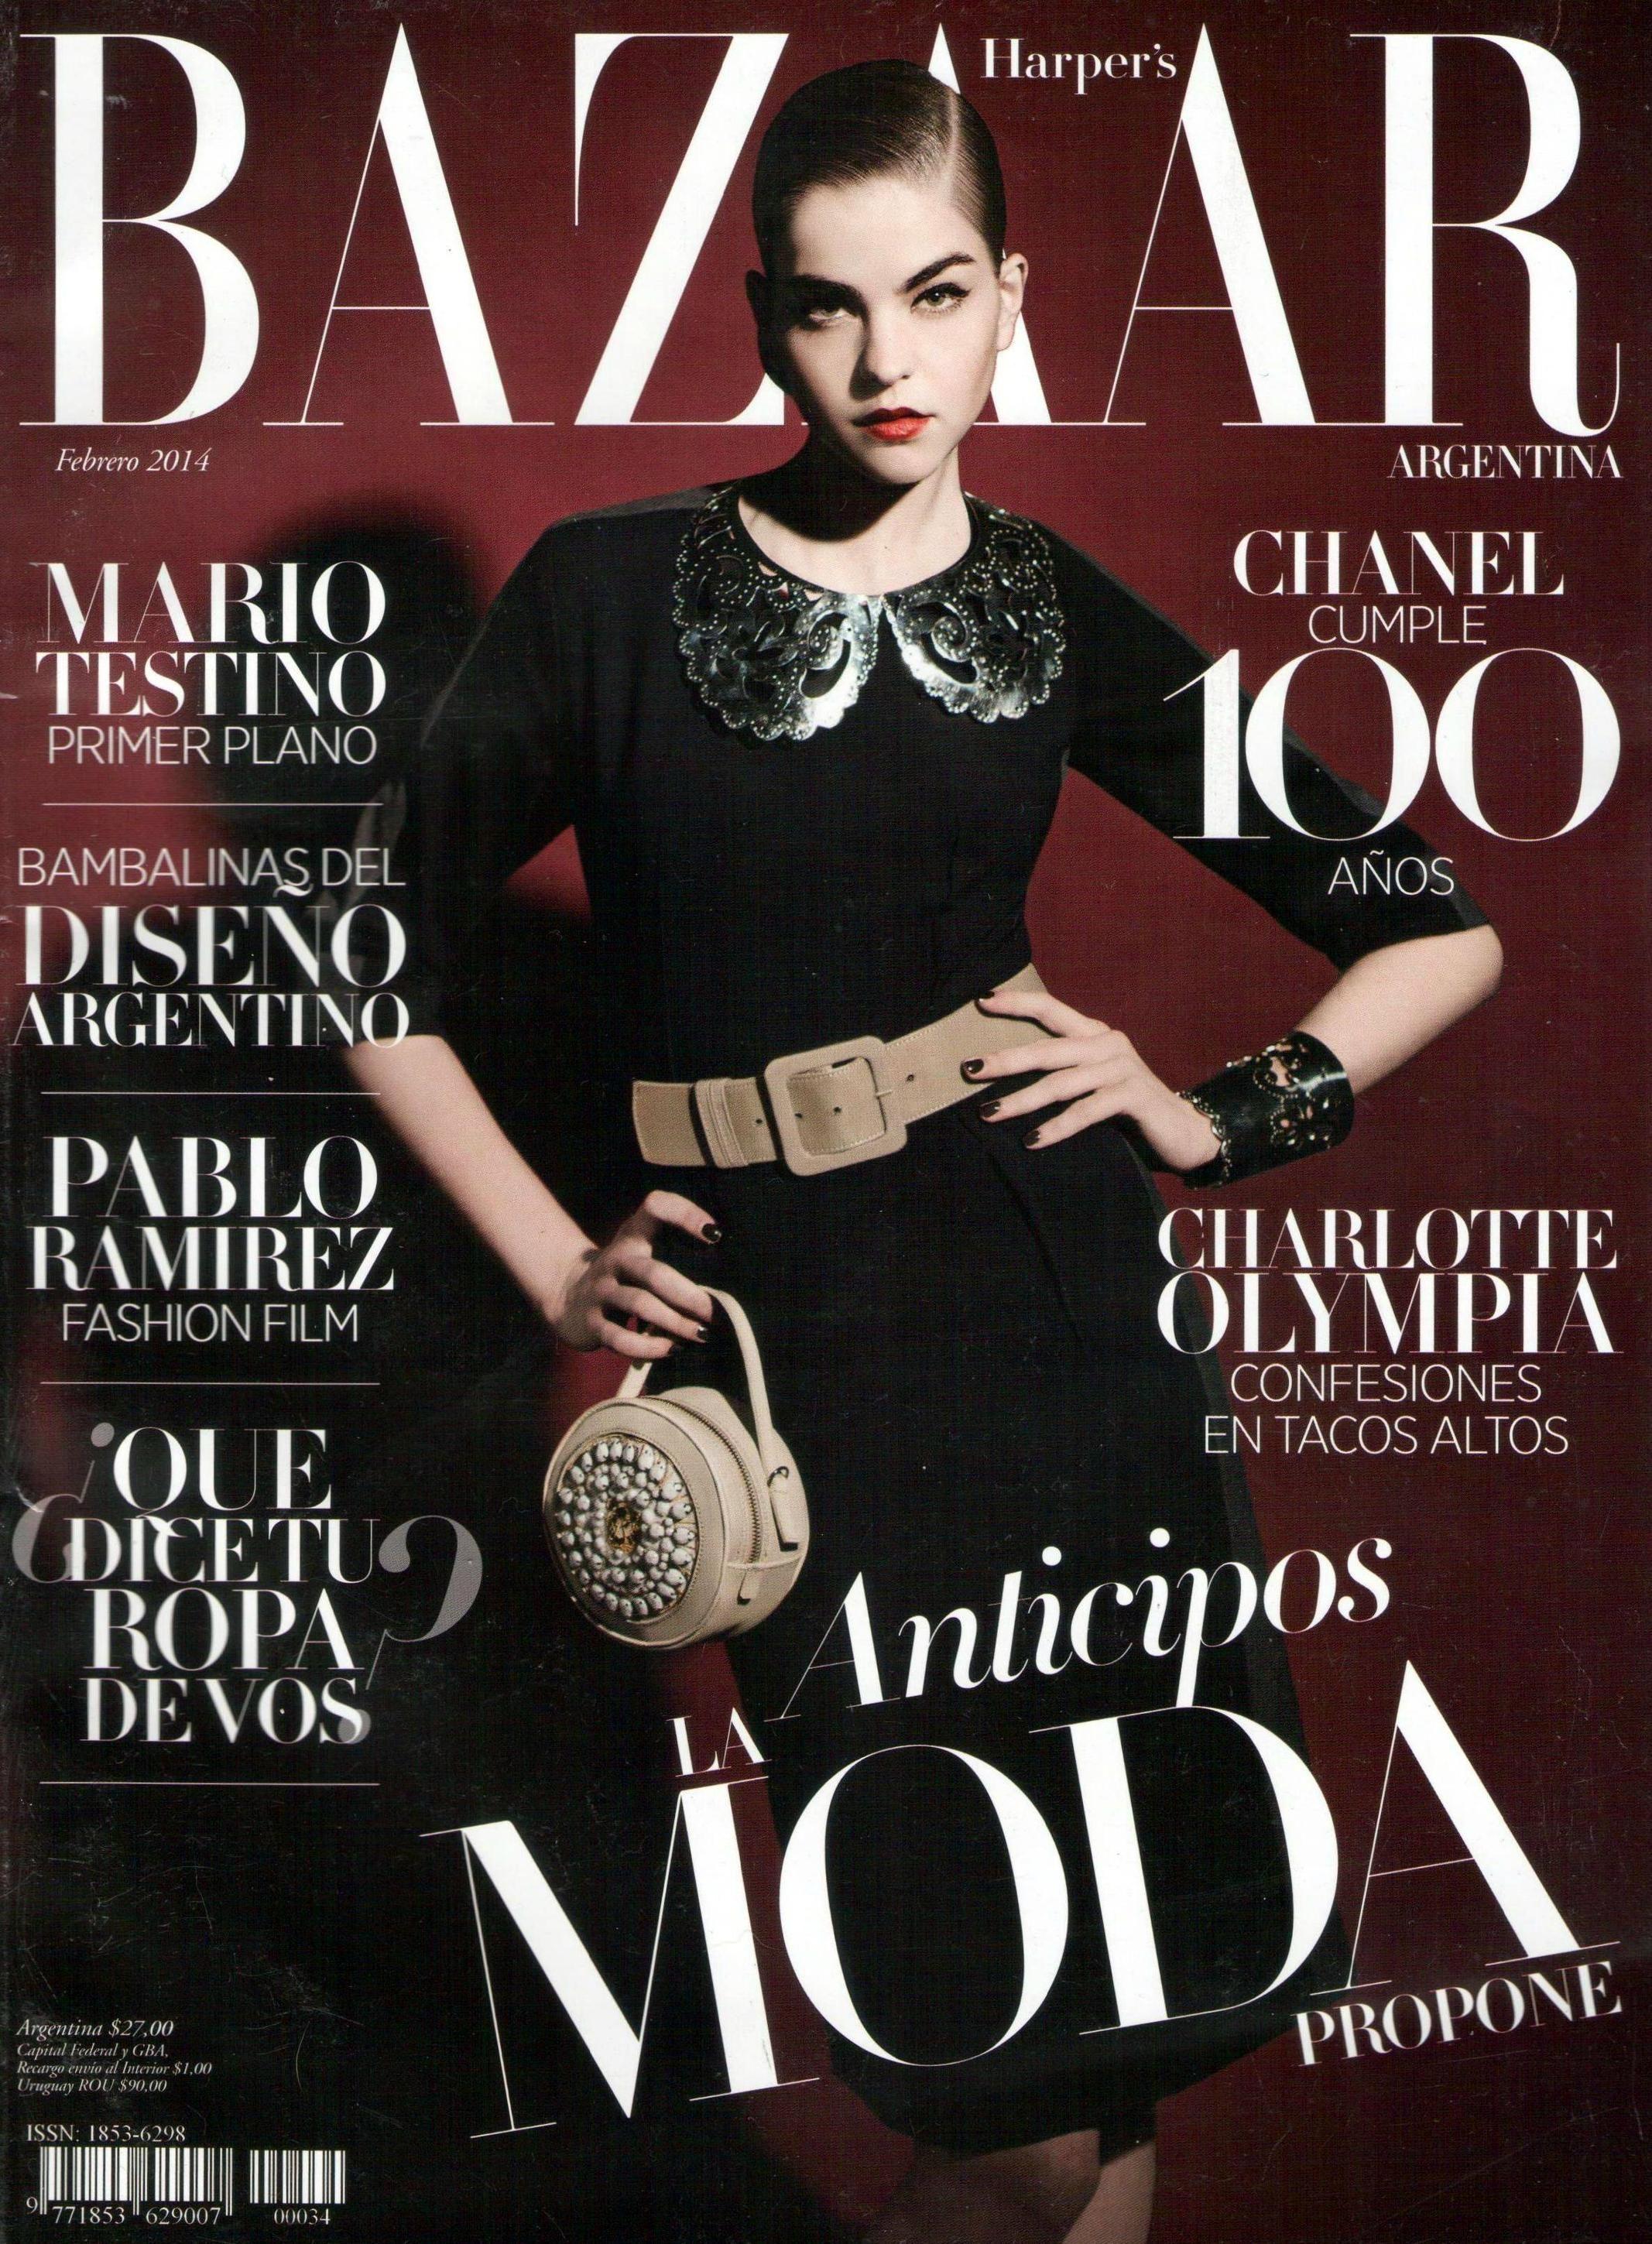 Valerianne le moi harper 39 s bazaar magazine cover for Bazaar argentina